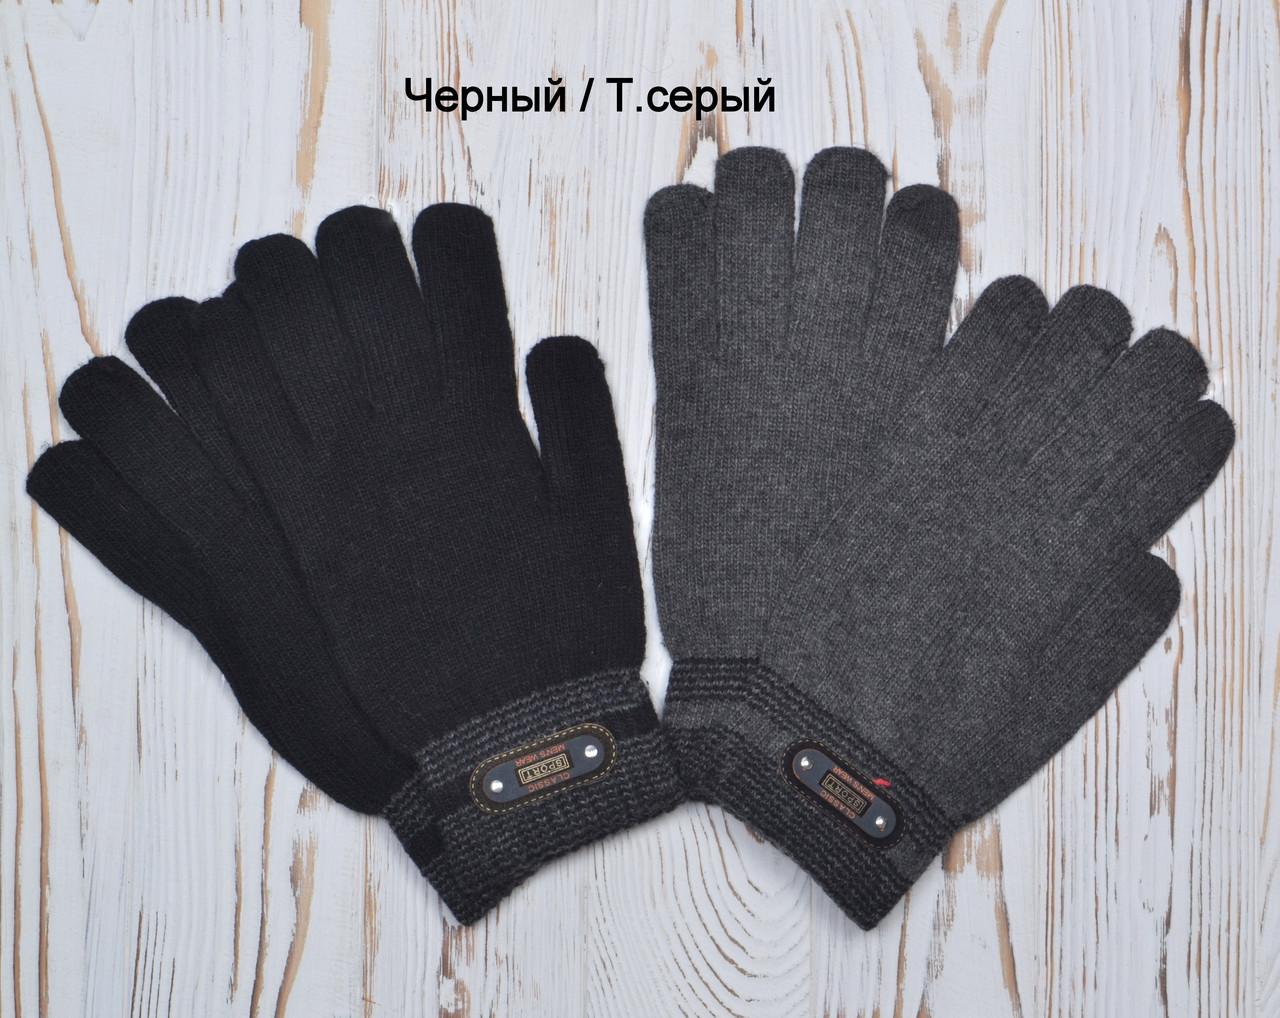 №398 Айфон мужские сенсорные перчатки XXL. Есть черный